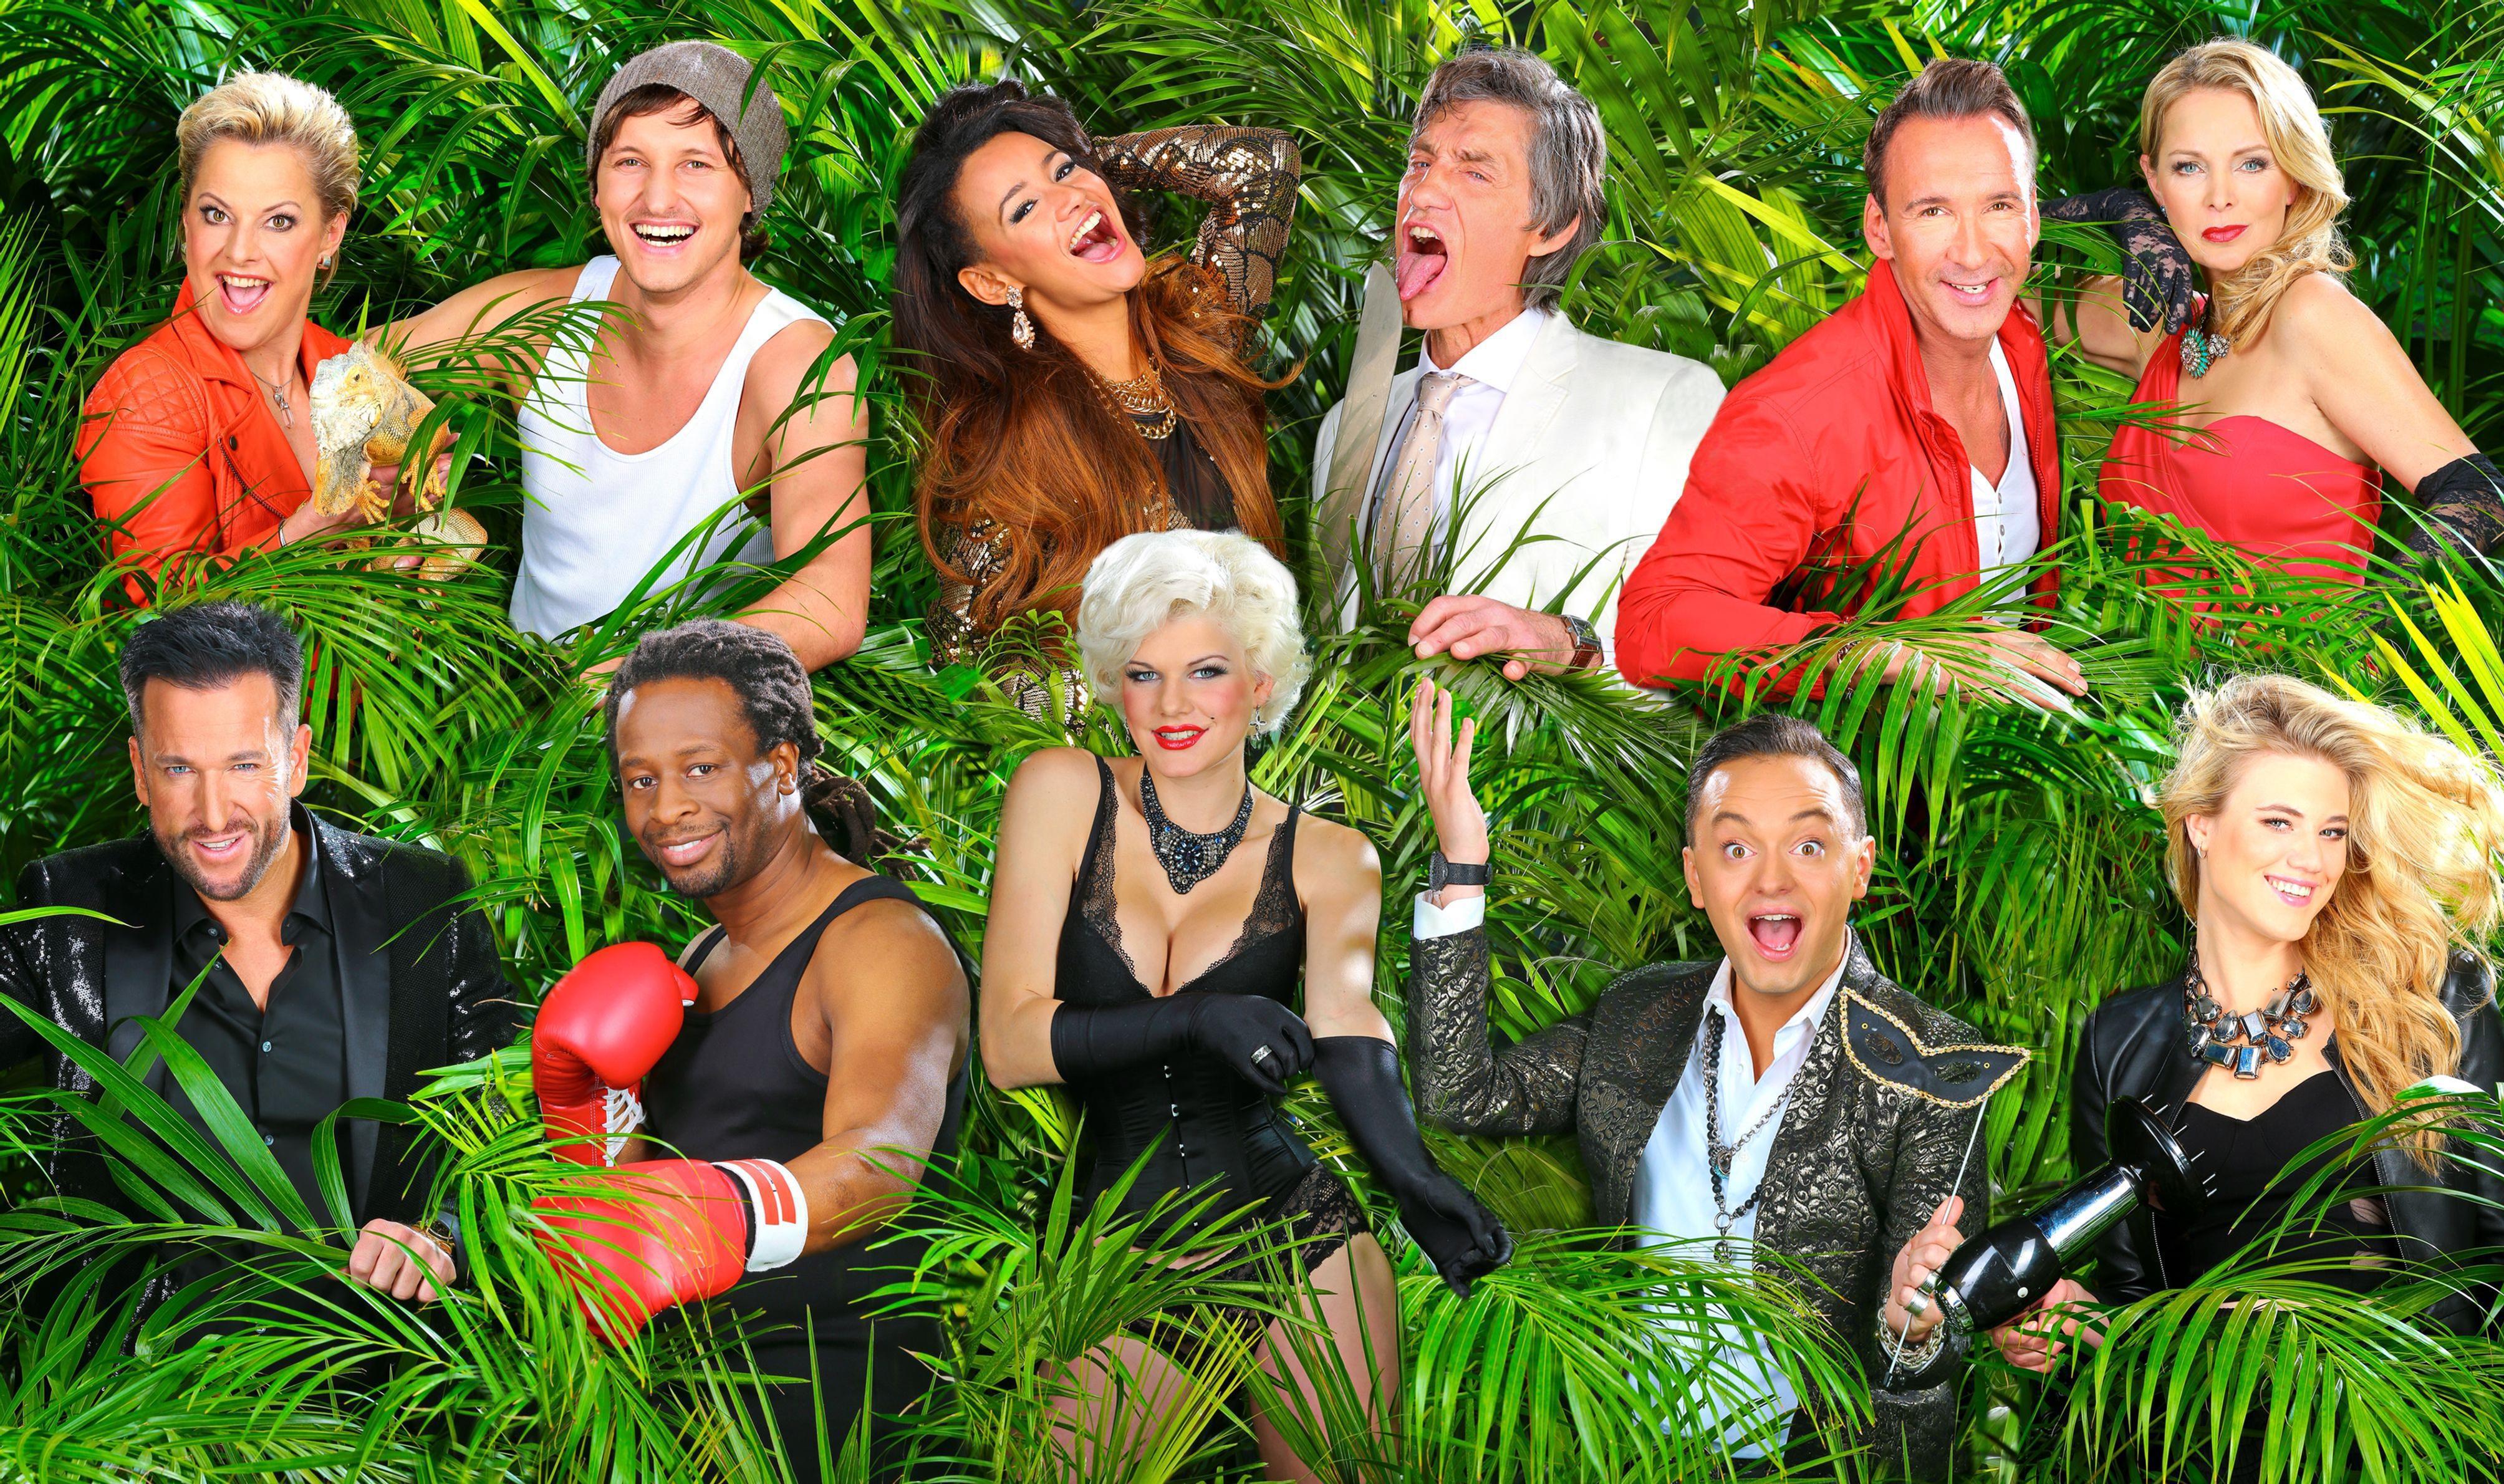 Bild zu Dschungelcamp 2014: die Kandidaten der neuen Staffel